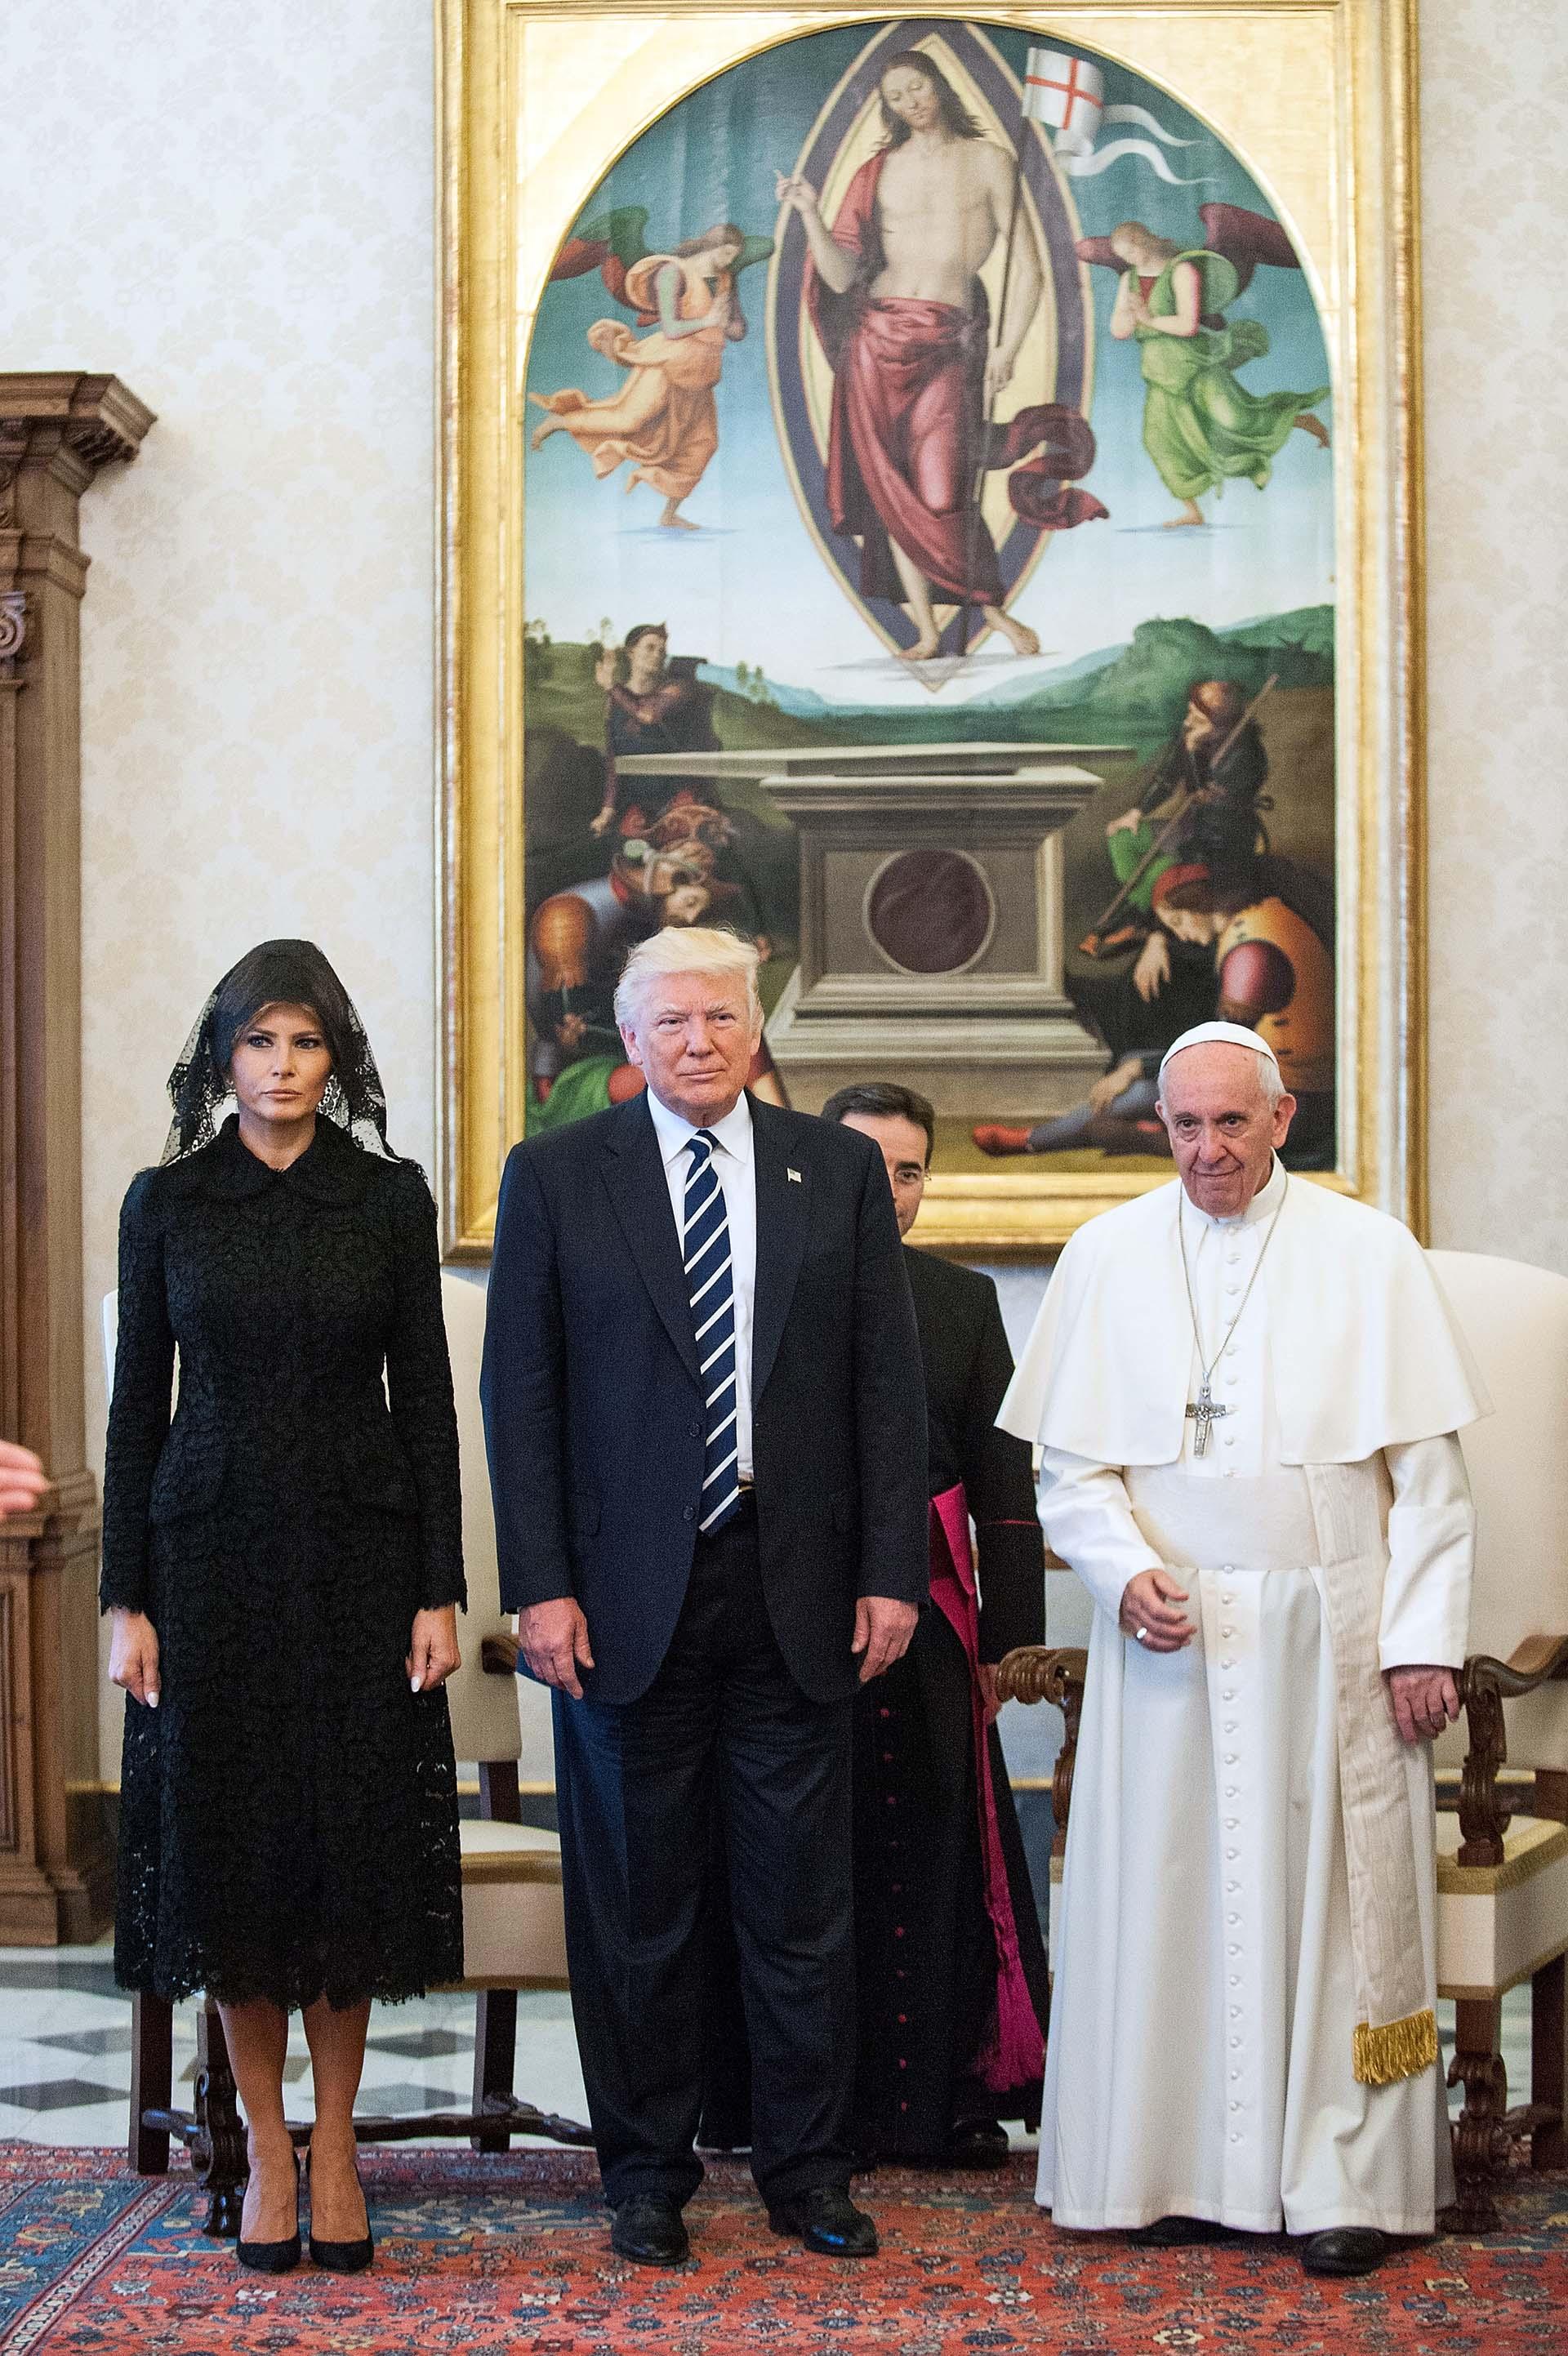 24/5/2017 El papa Francisco recibe a Donald Trump y su esposa en el Vaticano